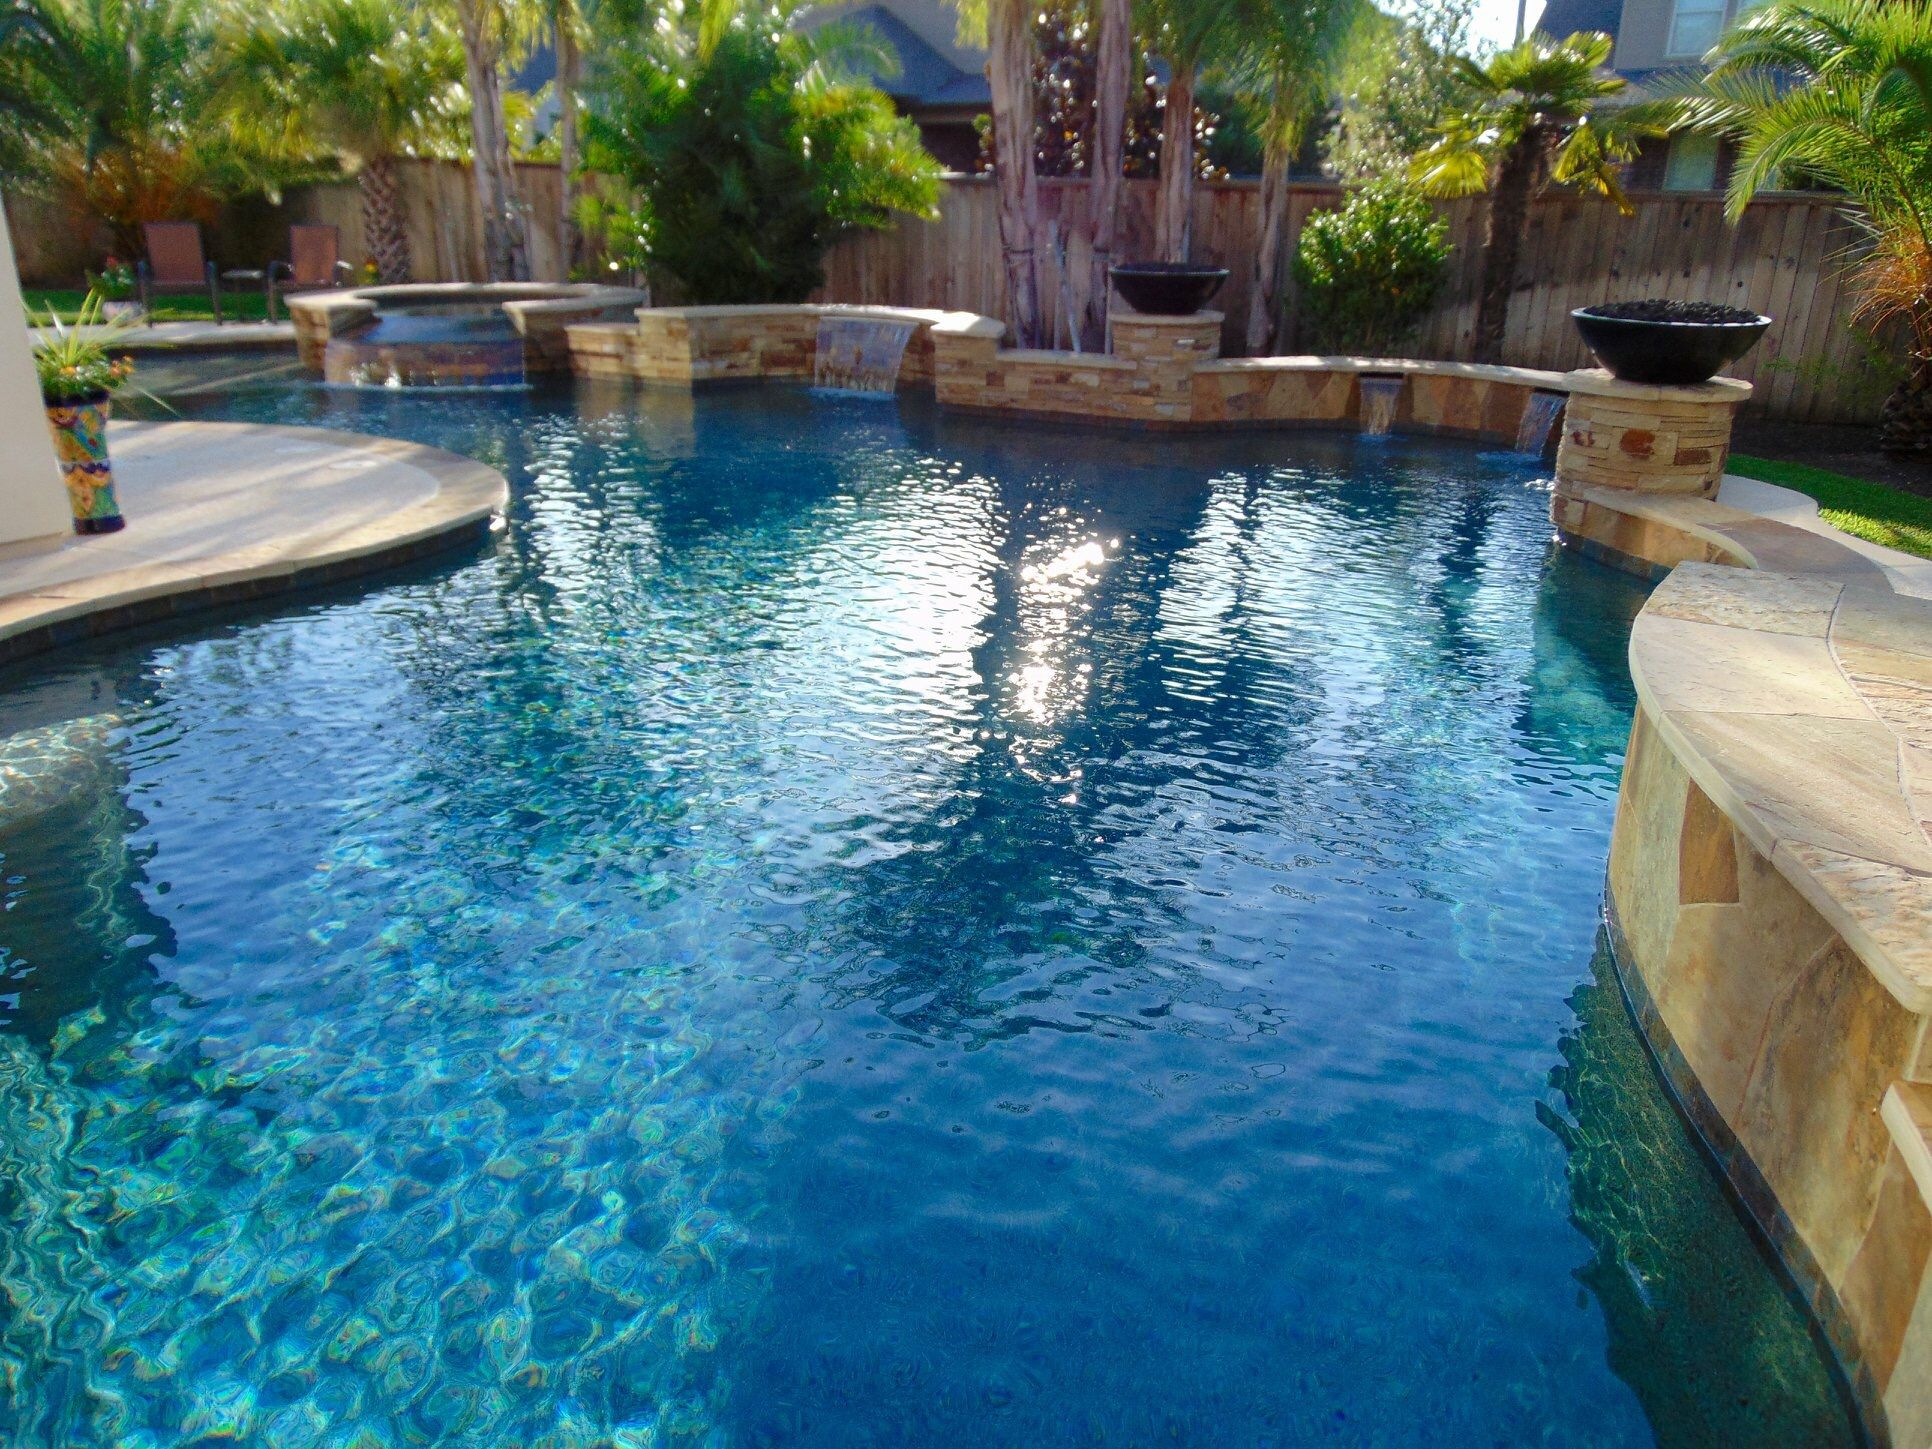 Custom pools image by Backyard Oasis, Inc. on Backyard ...